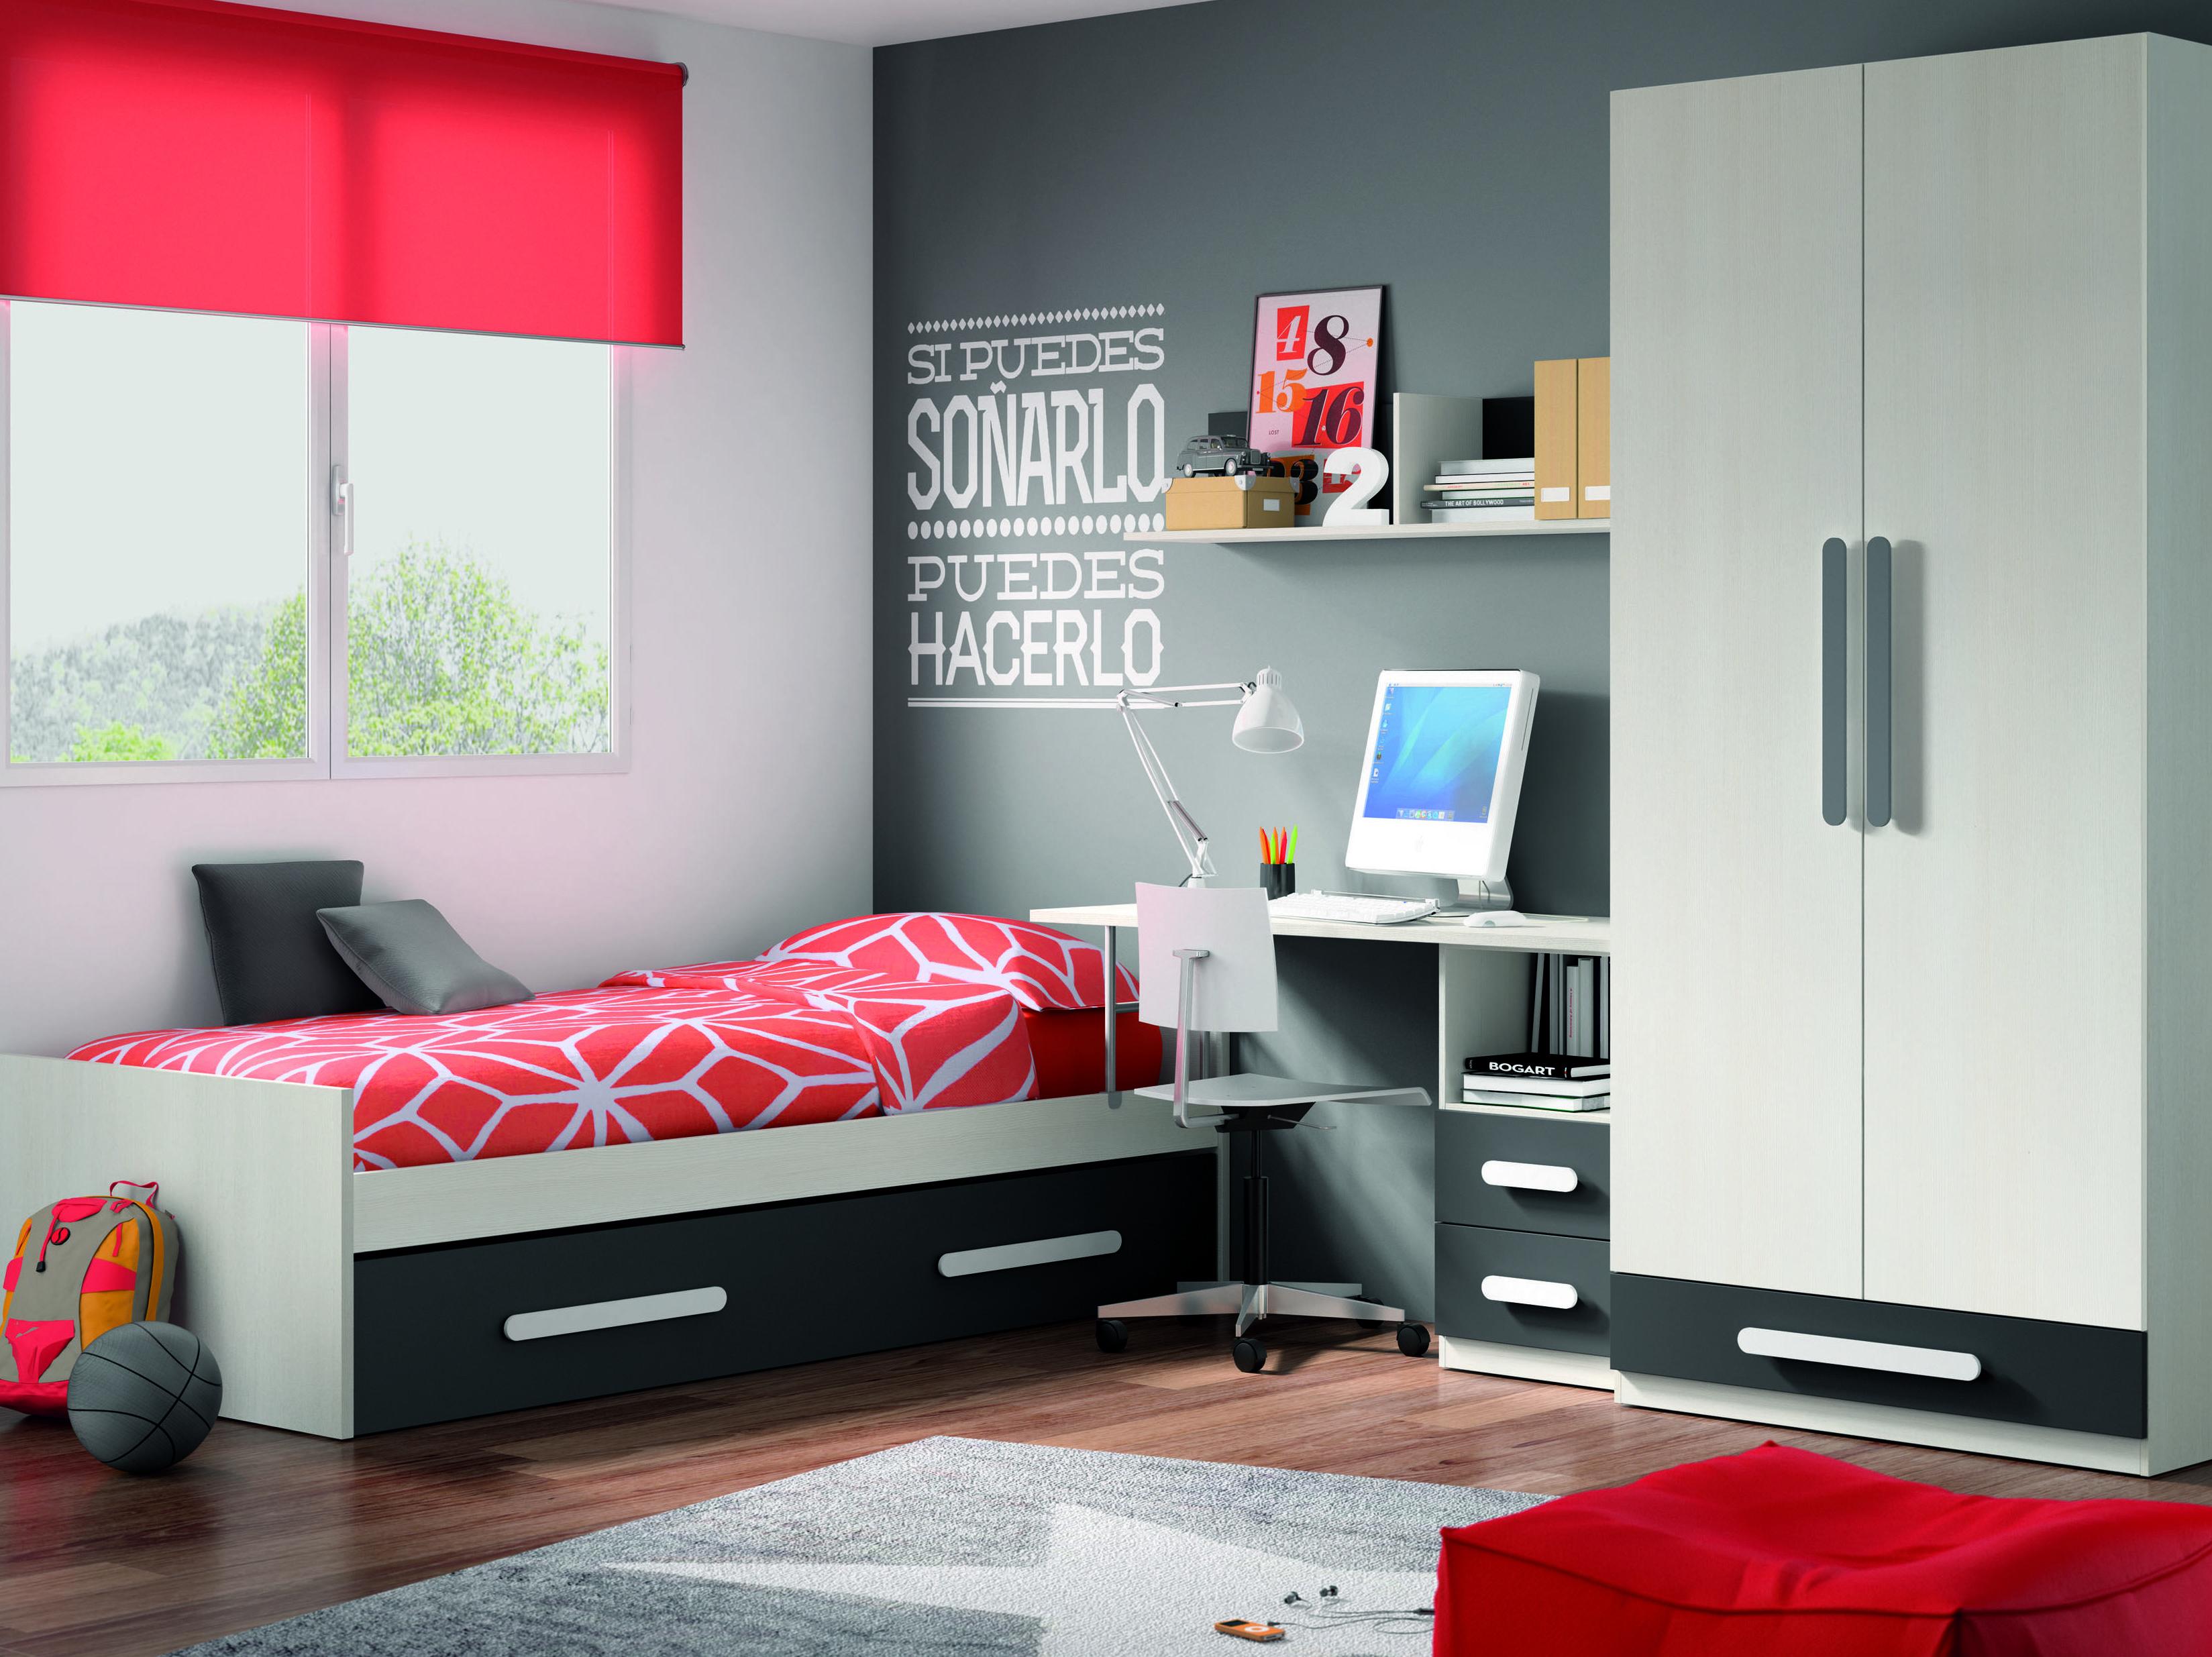 Dormitorios juveniles de segunda mano en madrid for Dormitorios ninos baratos